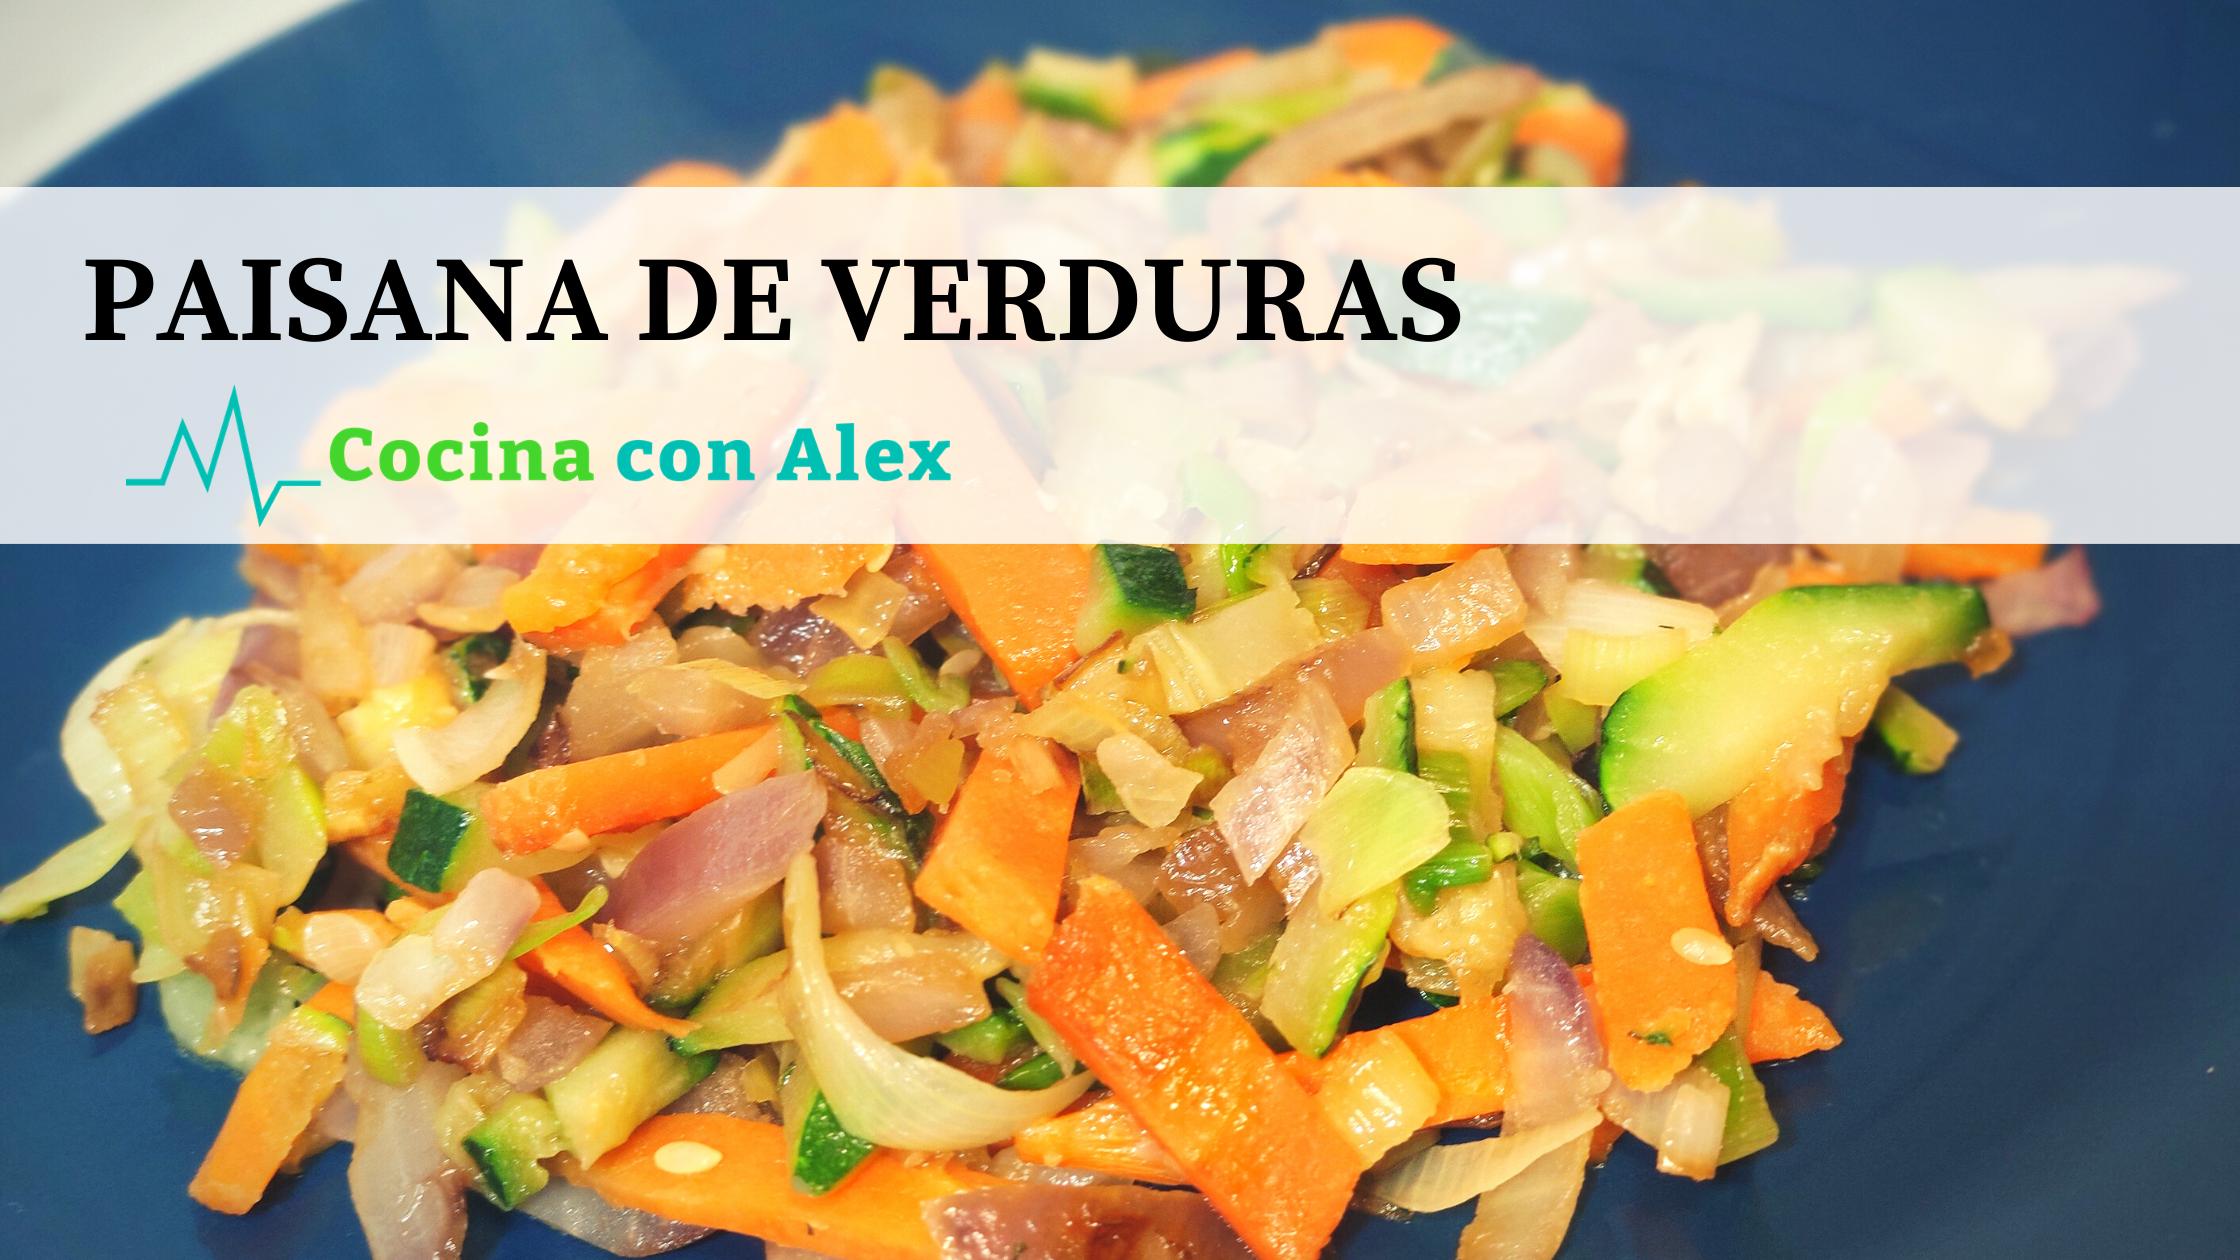 Paisana de verduras alex arroyo fit. Receta perfecta para perder peso y adelgazar. Haz dieta disfrutando de las verduras.